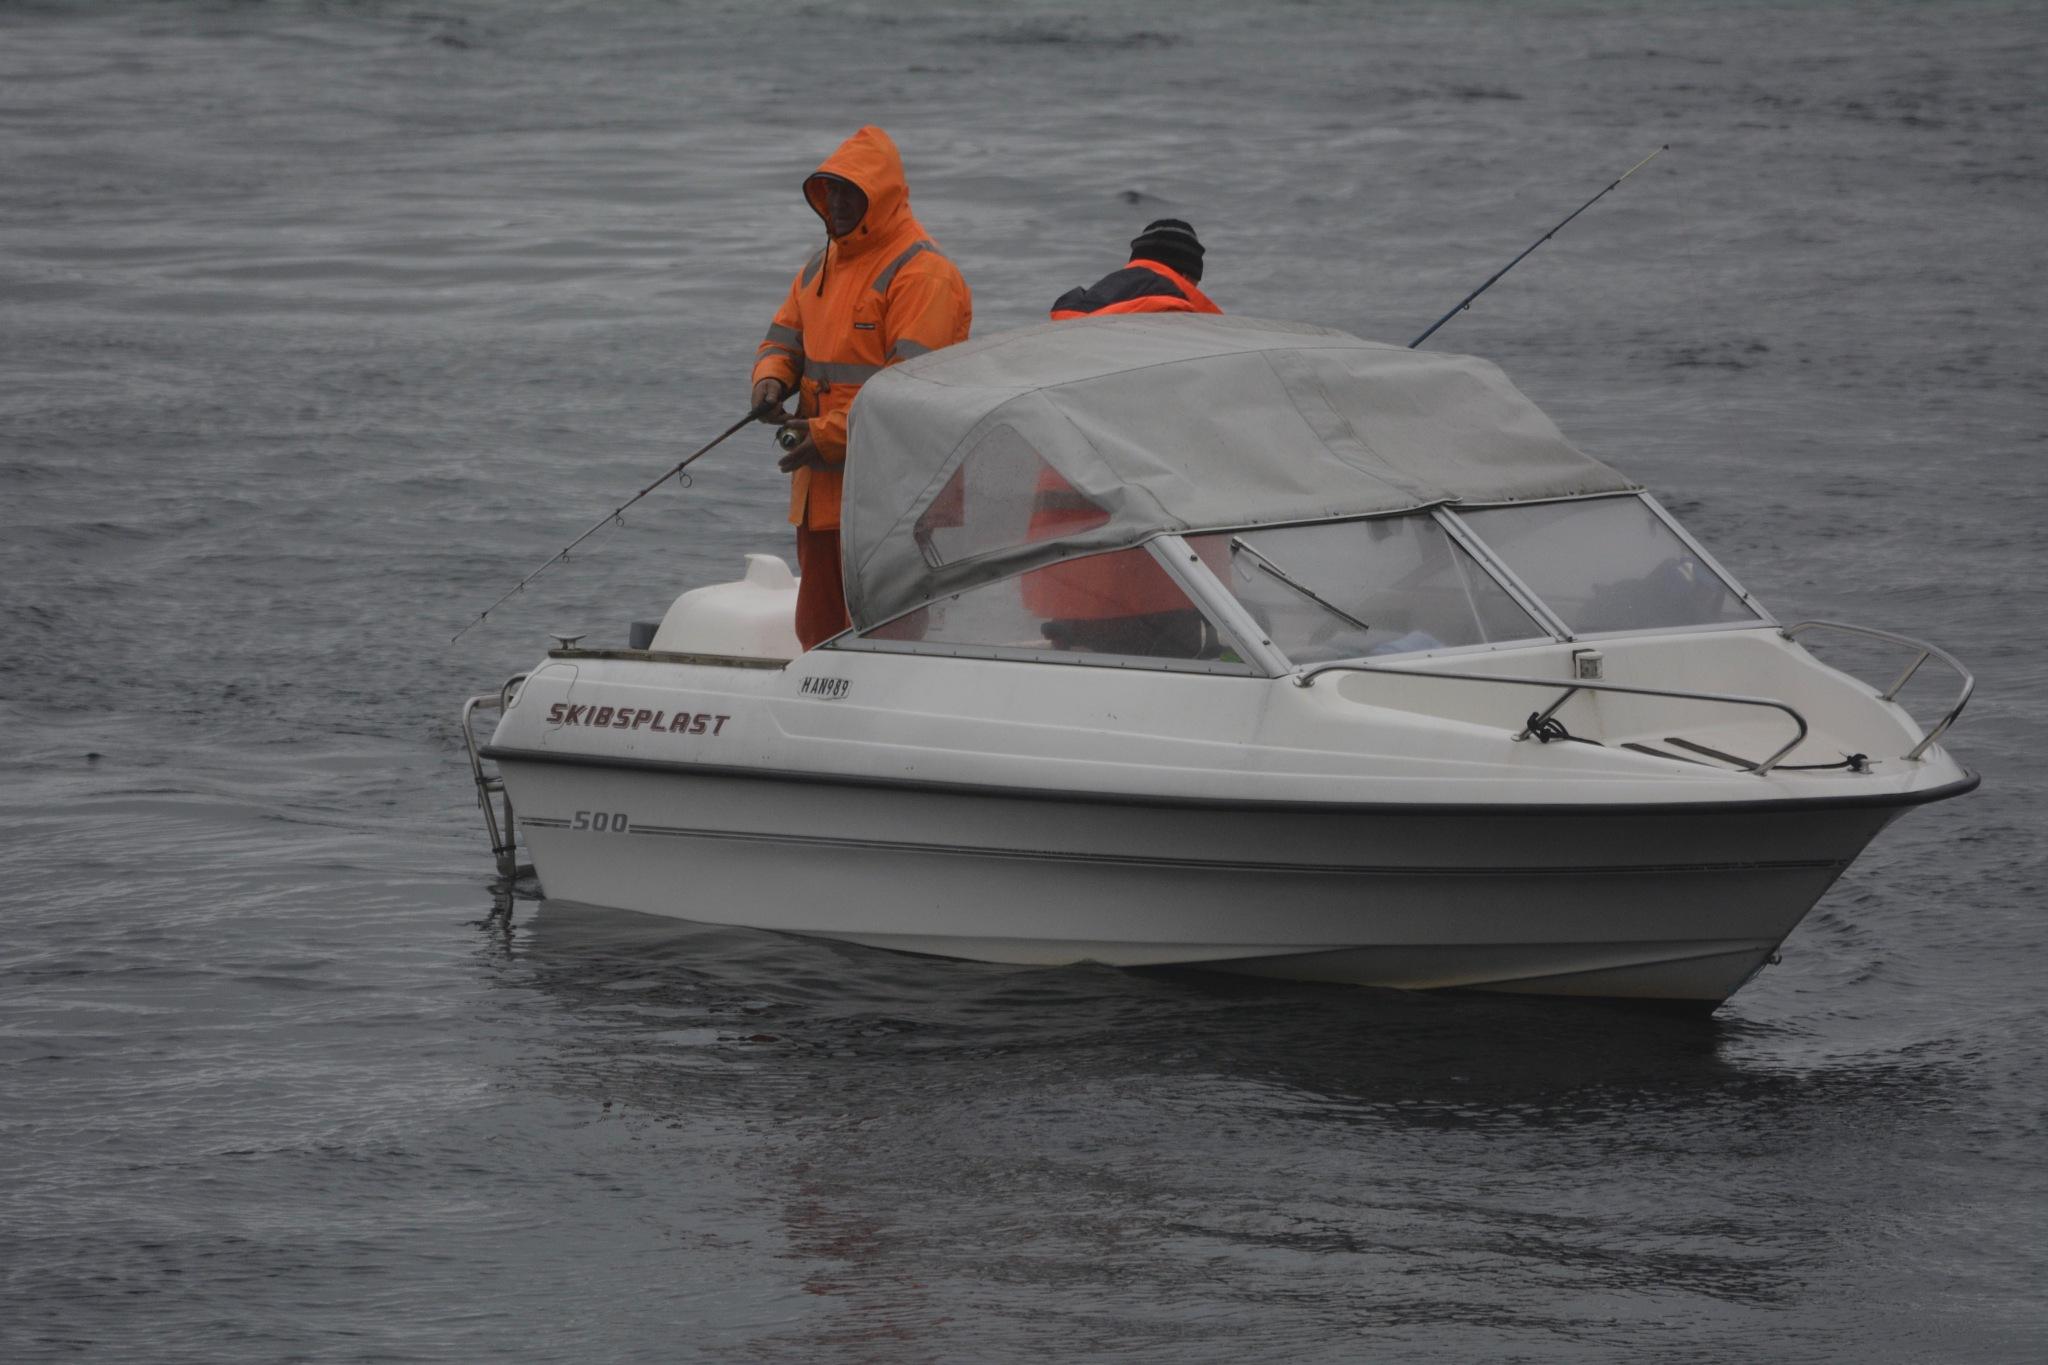 Unknown Fishermen by Lars-Toralf Utnes Storstrand